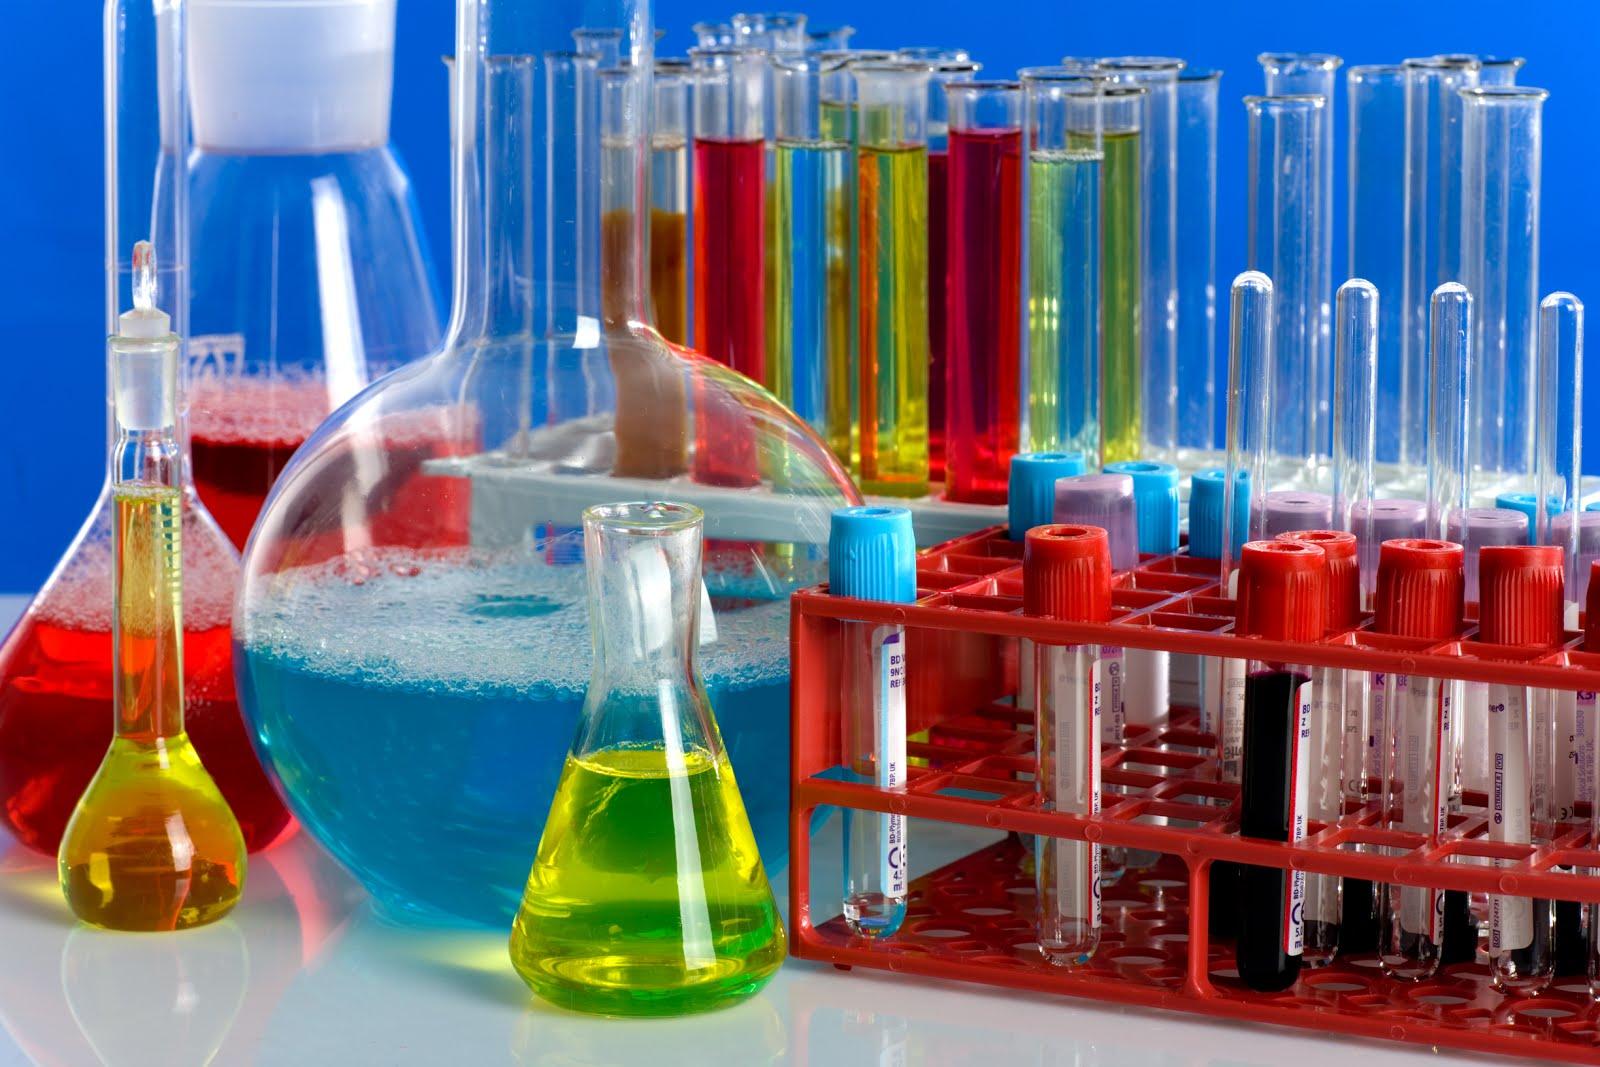 Tipos de reacciones qu micas m s importantes tipos de for Resumen del libro quimica en la cocina